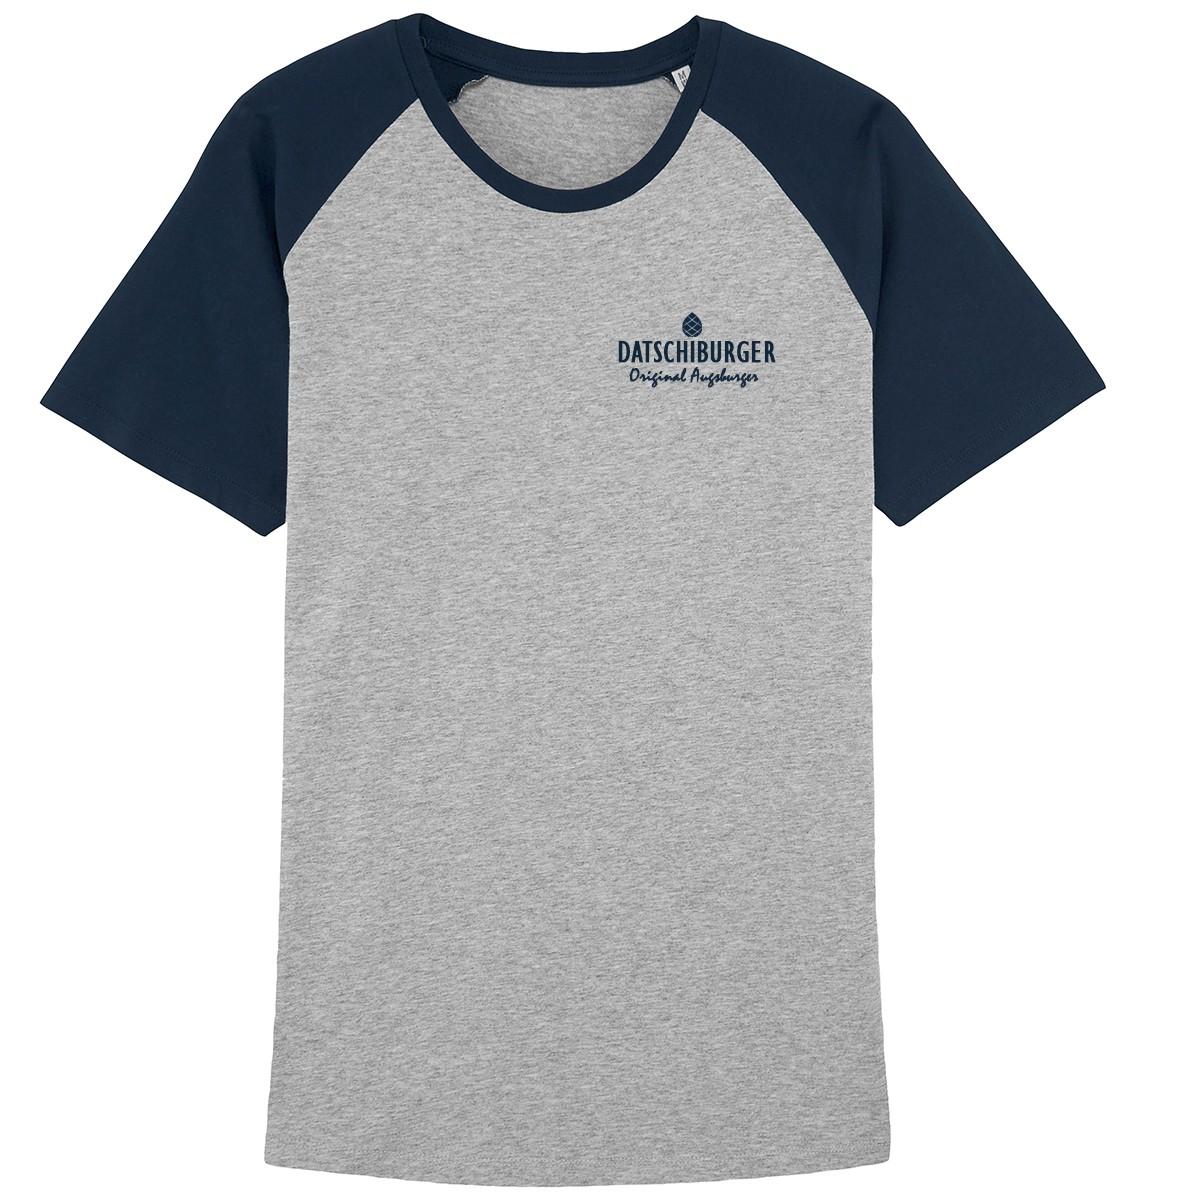 Datschi Trachten T-shirt Datschiburger